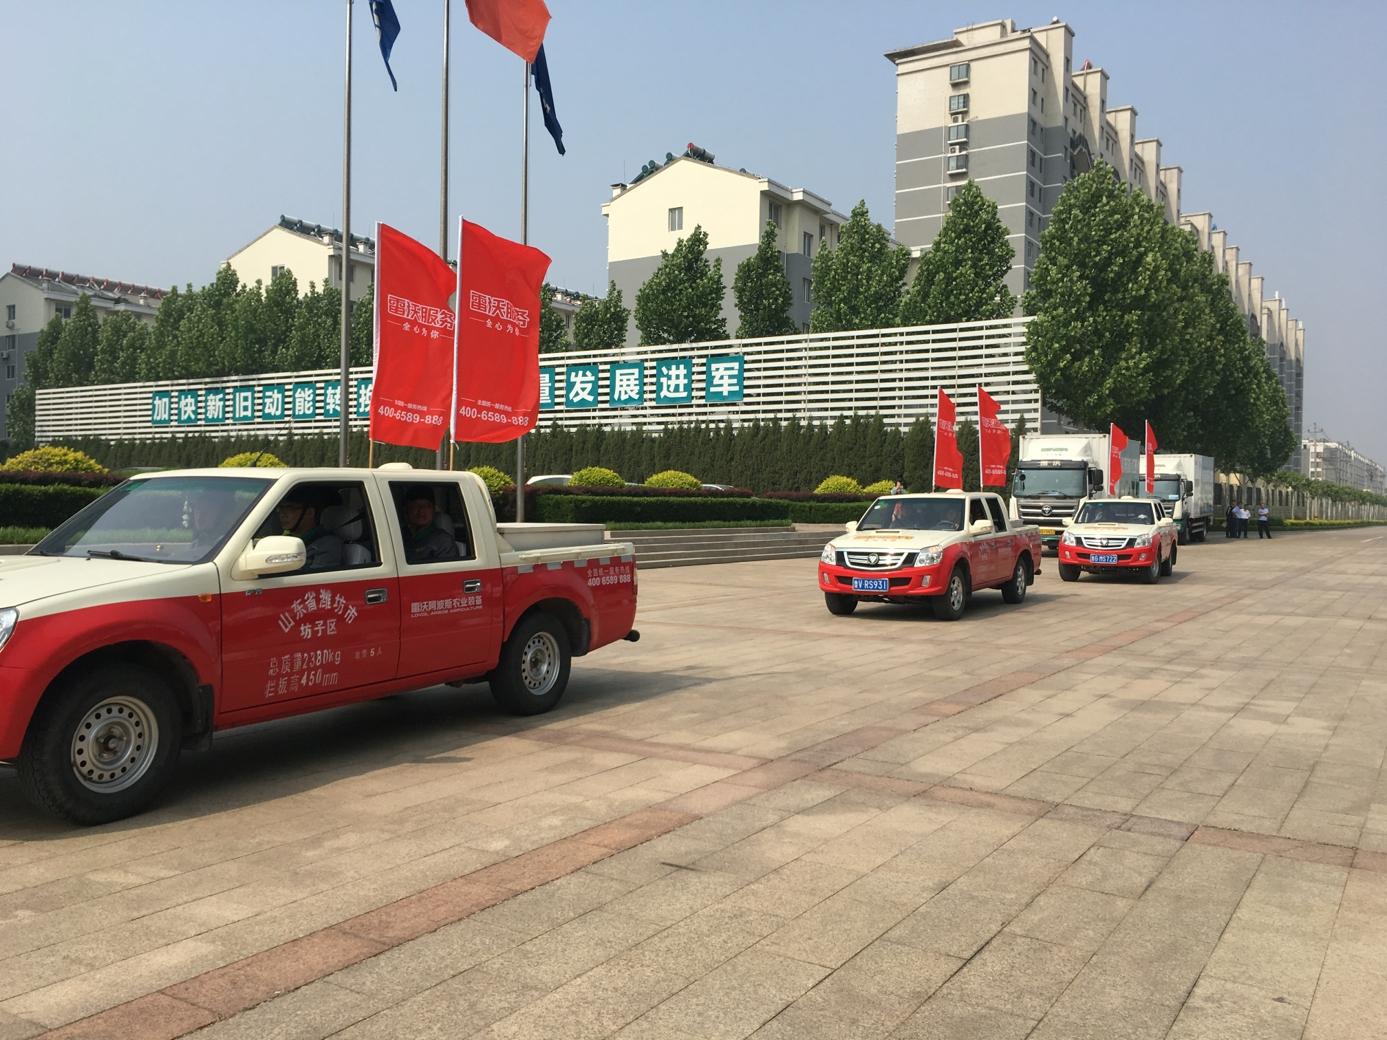 6雷沃阿波斯农业装备服务车与配件供应车同期出征.jpg